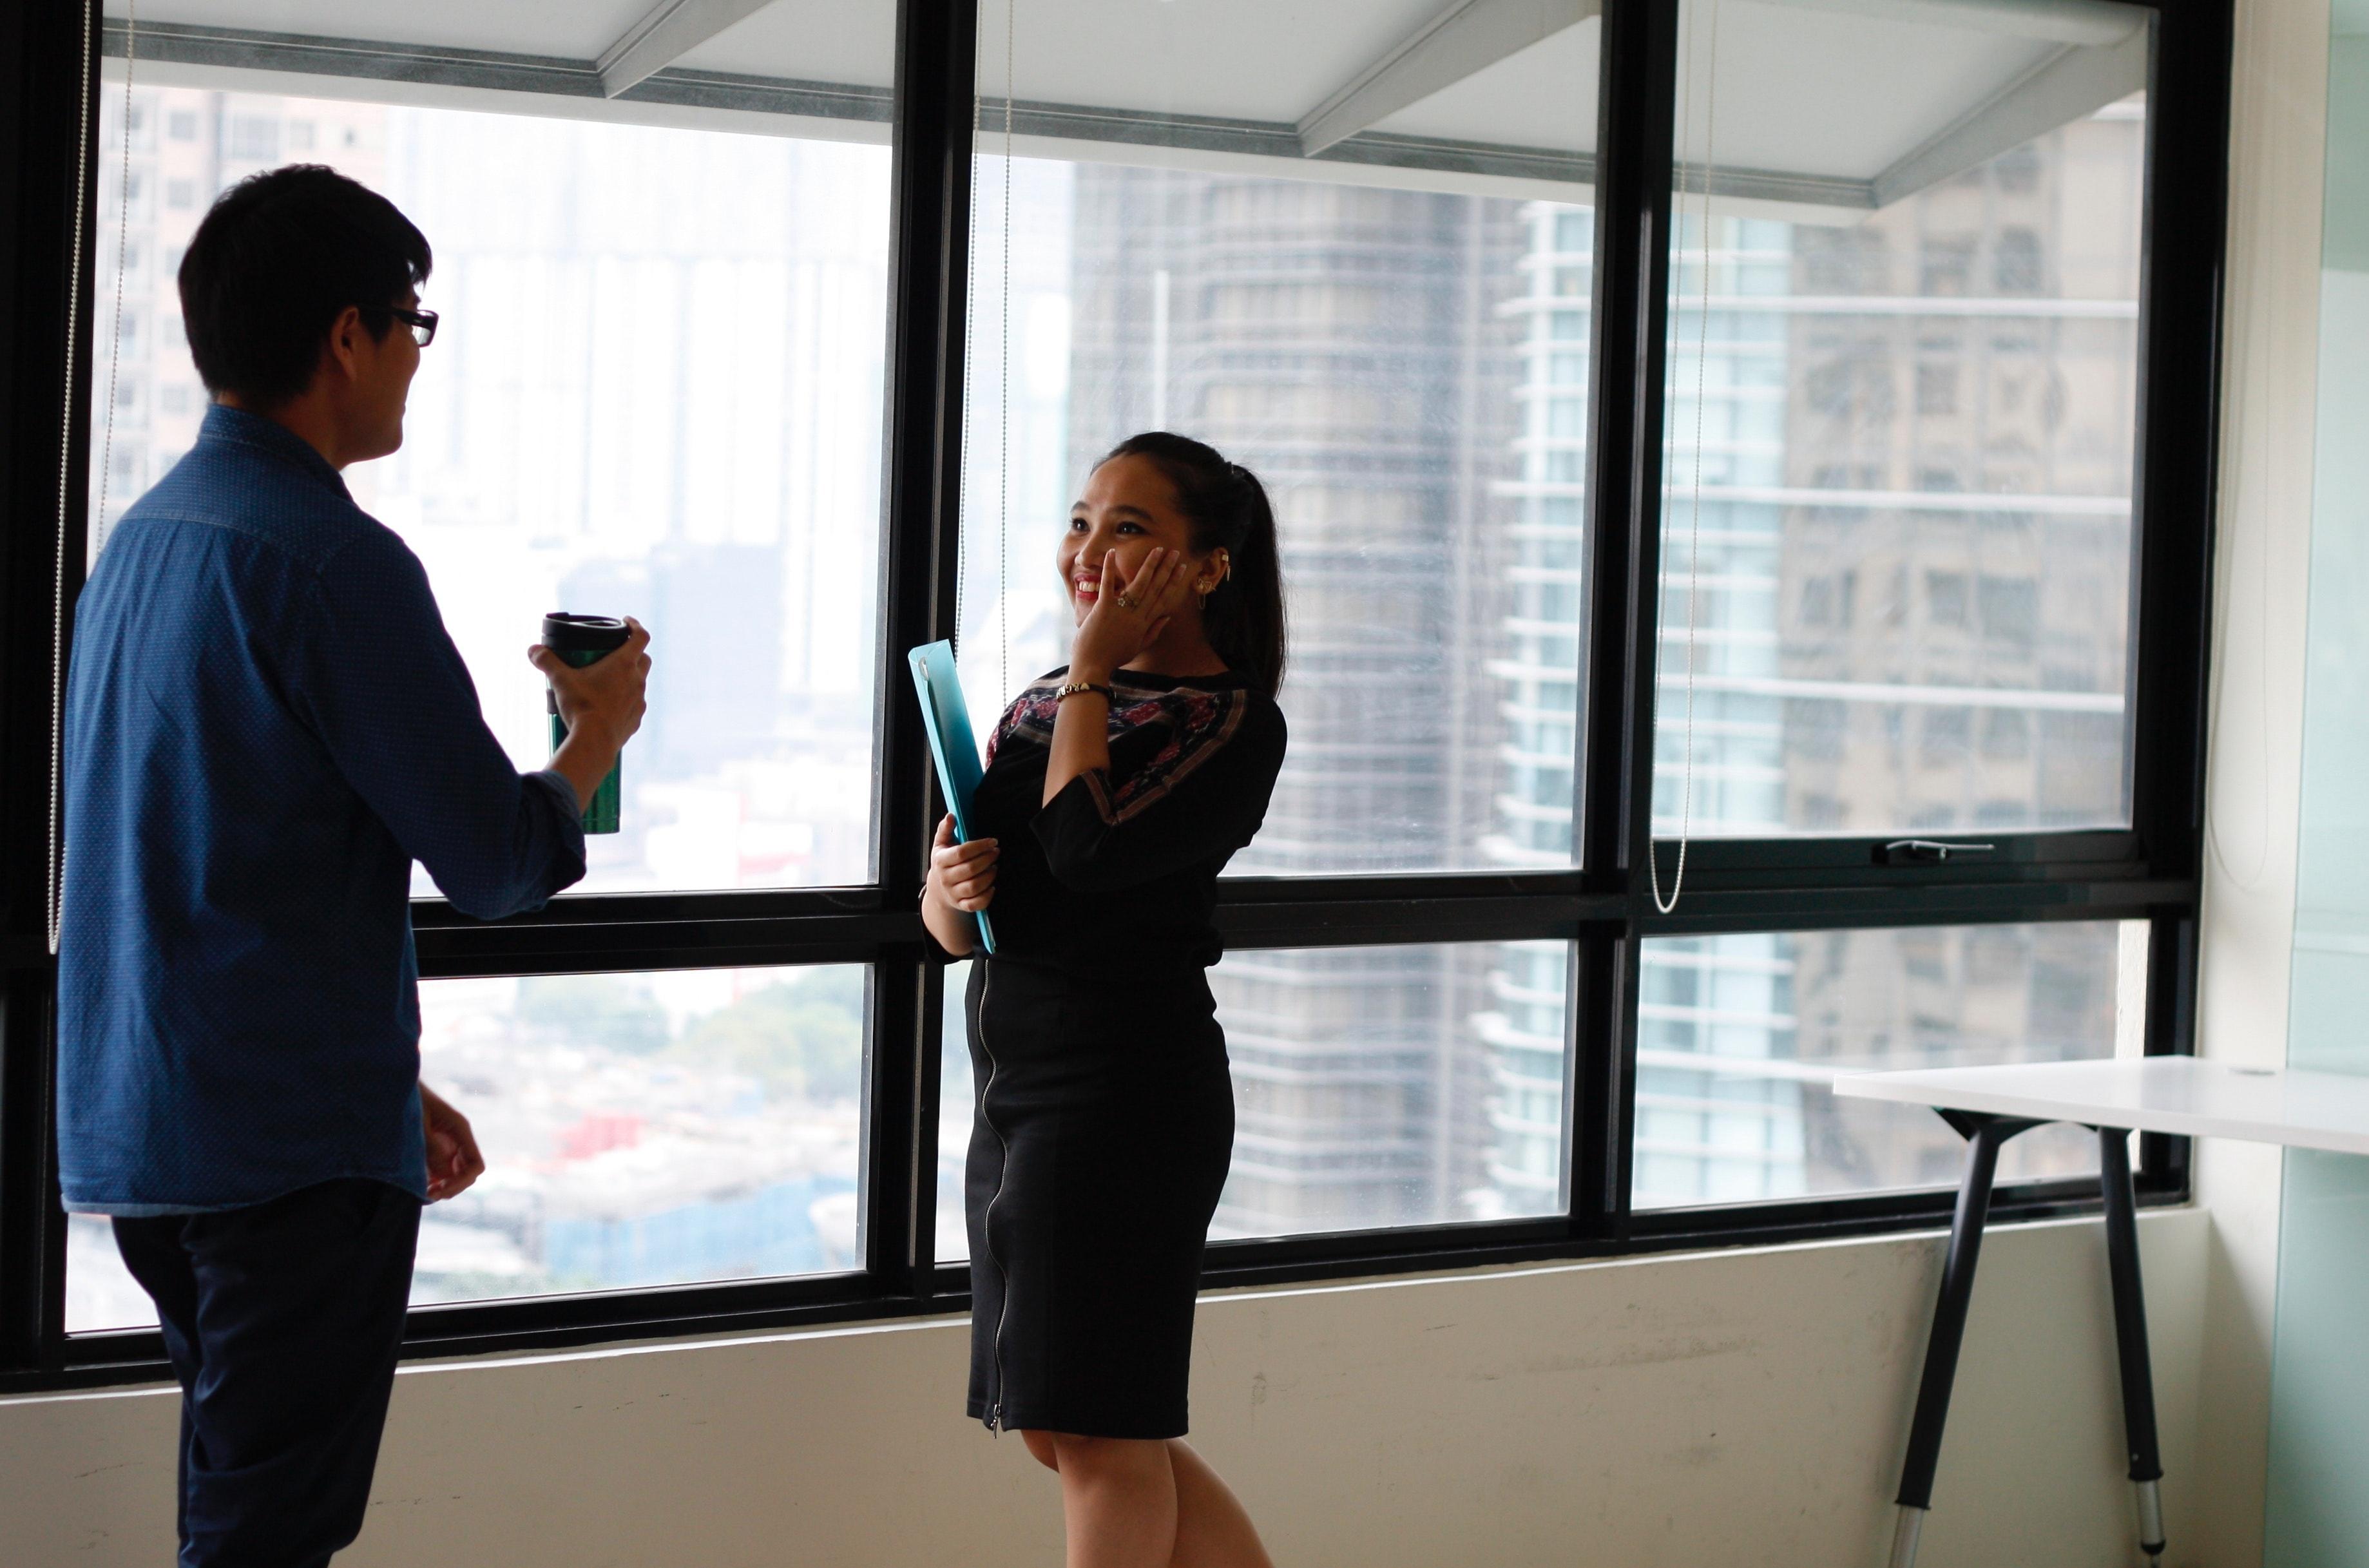 営業における雑談のネタのコツは?